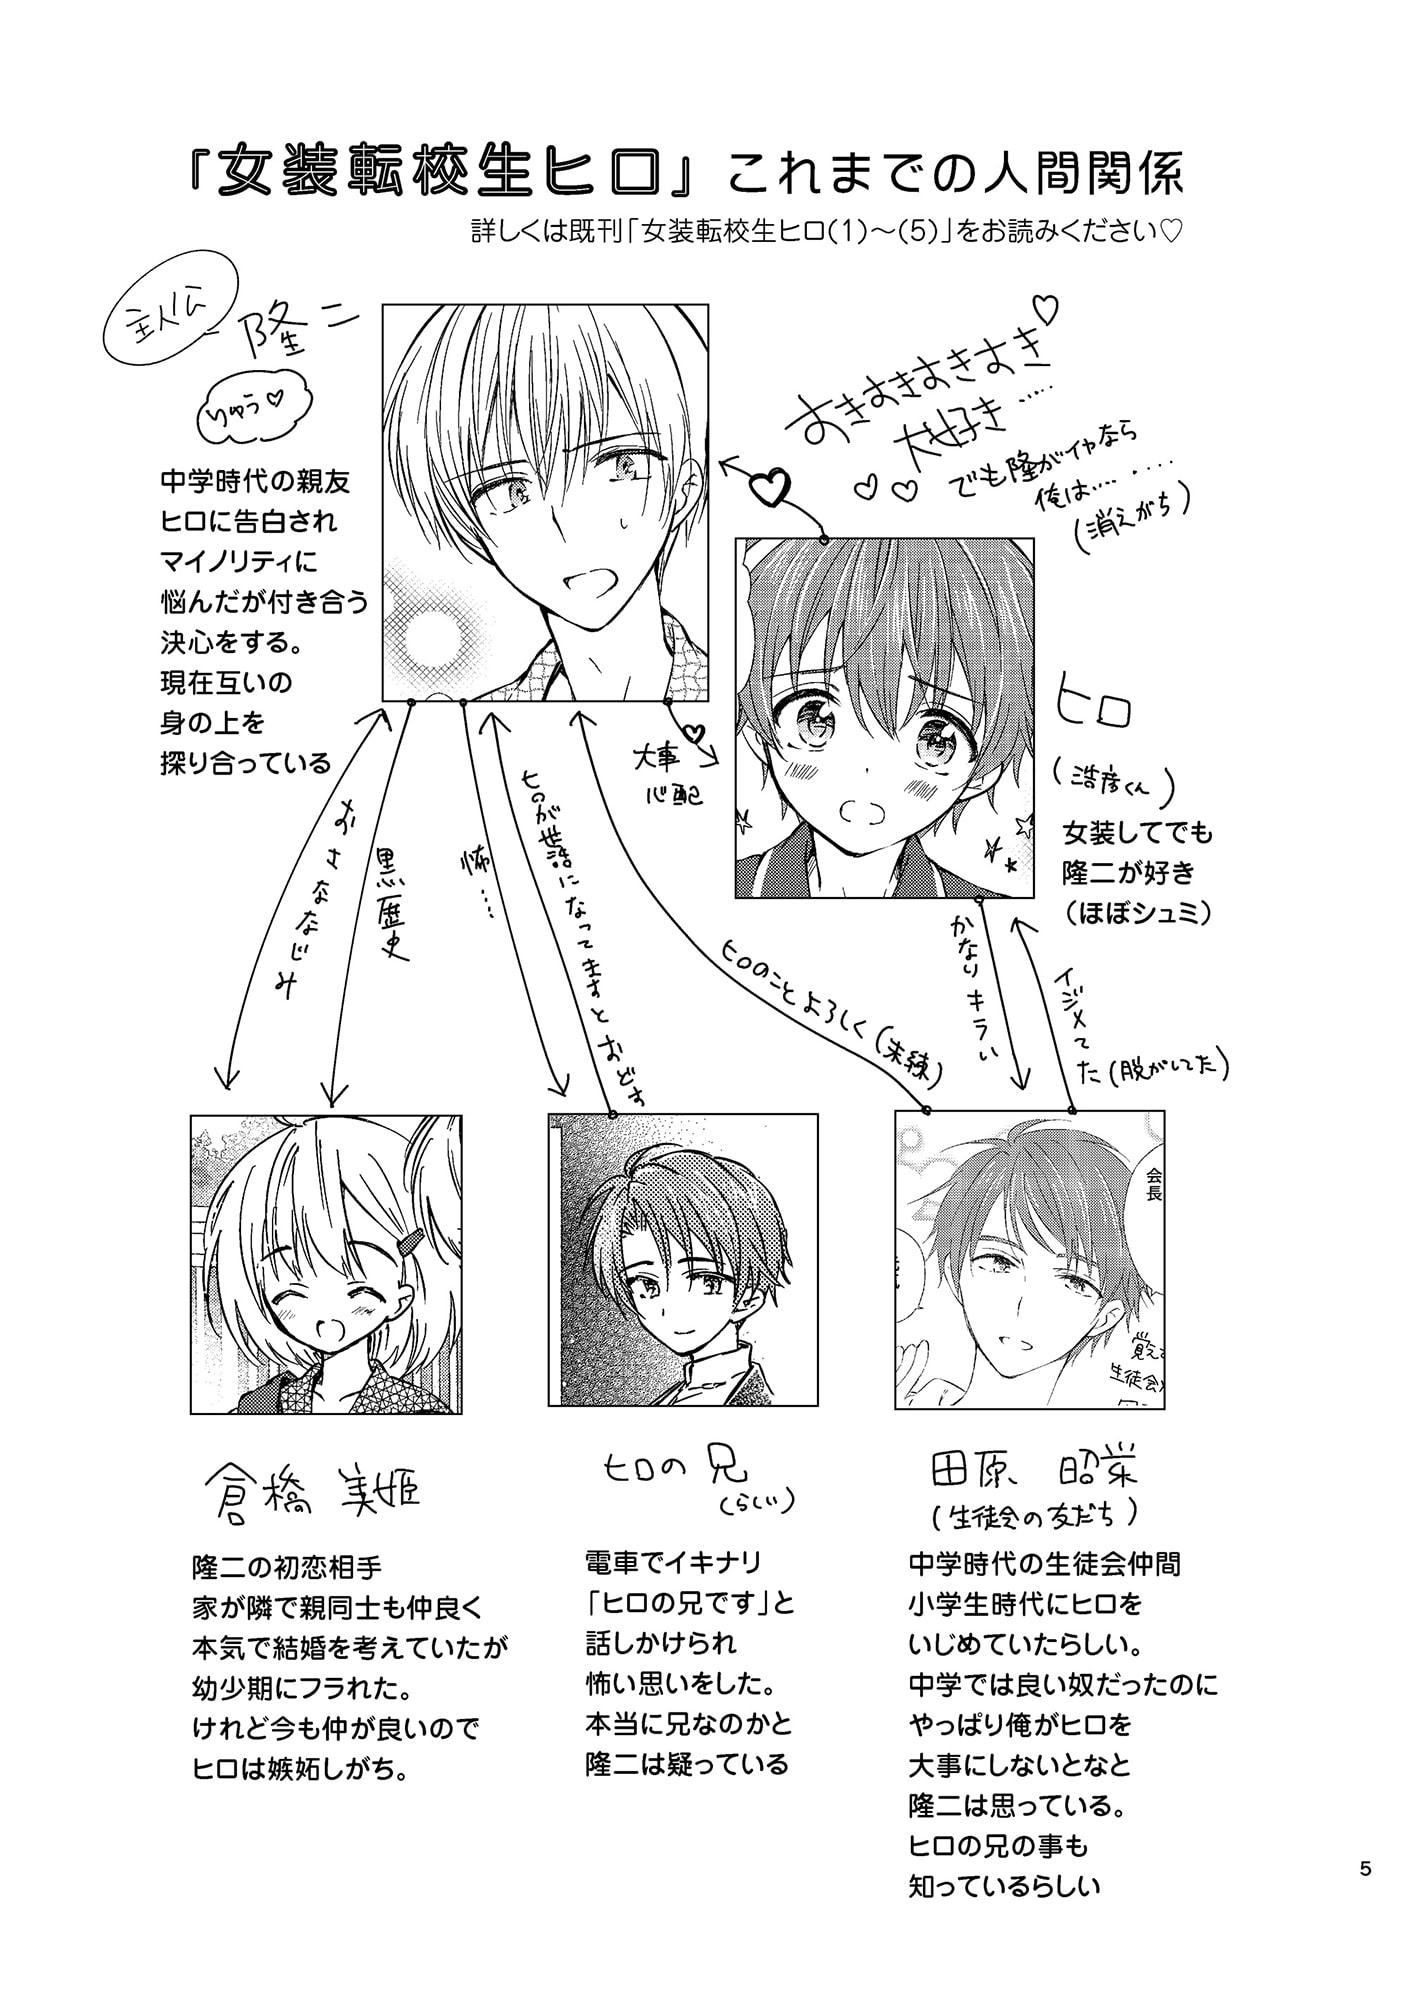 女装転校生ヒロ(6)